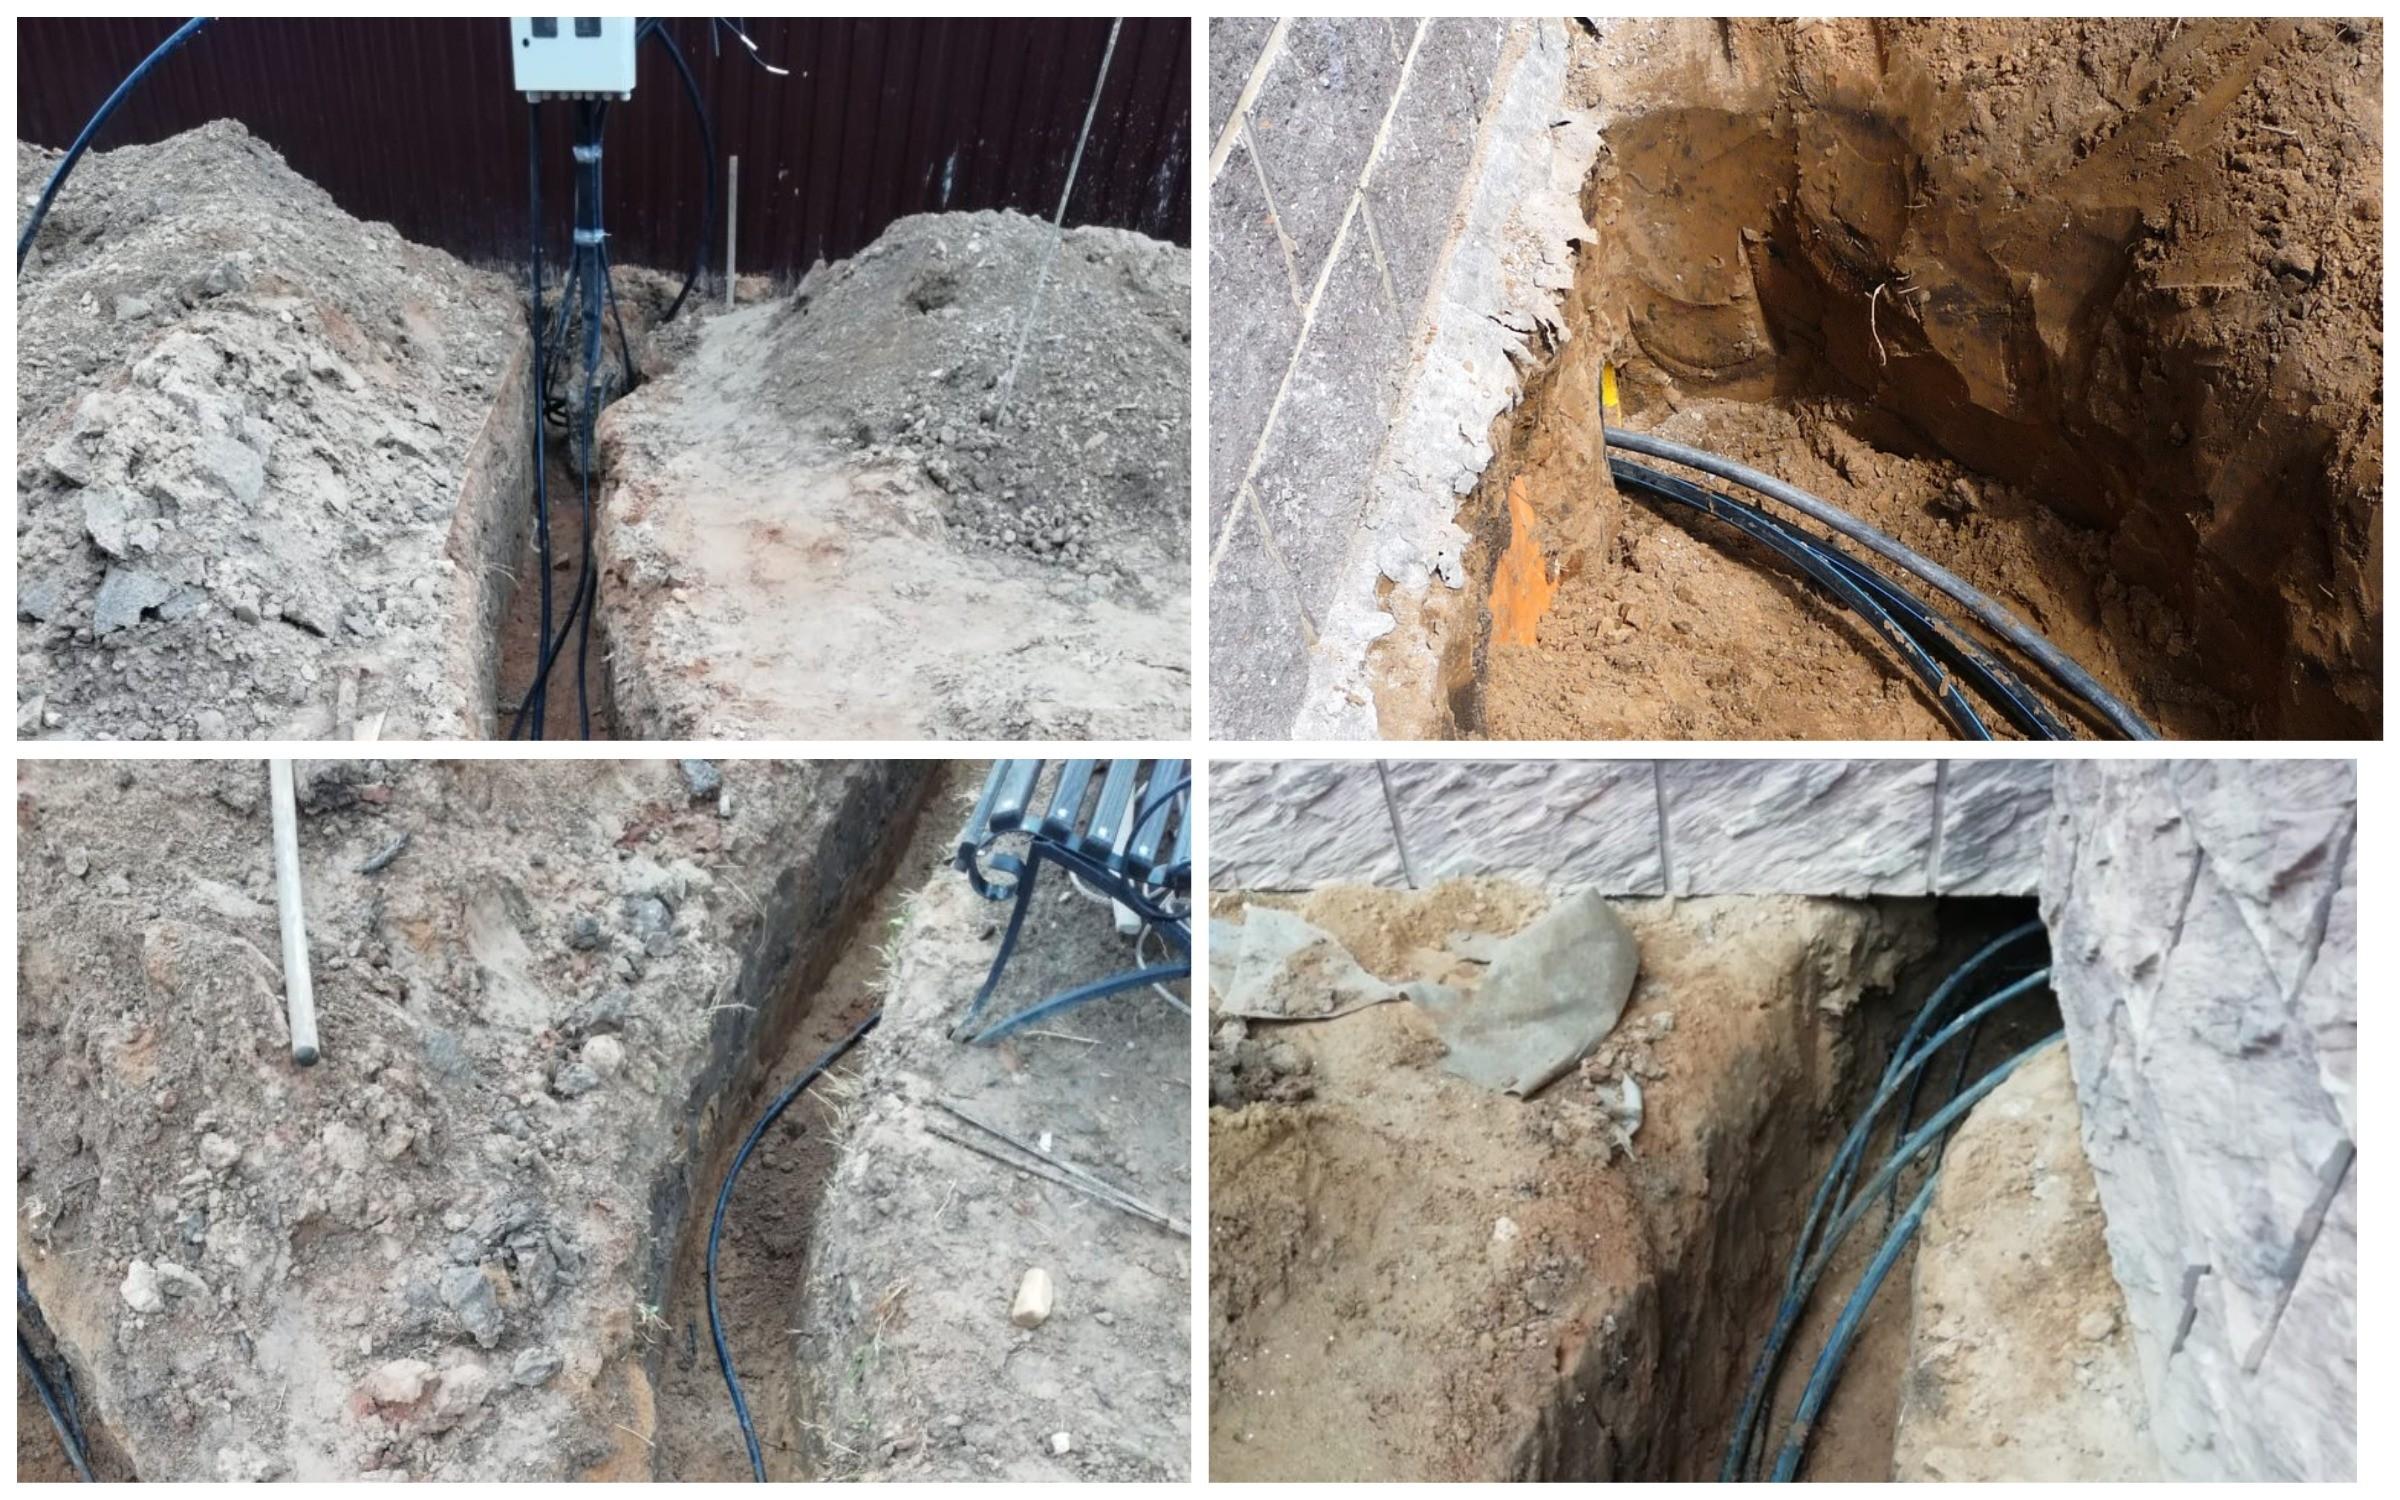 изображение закрытой прокладки кабеля на улице для освещения участка сада